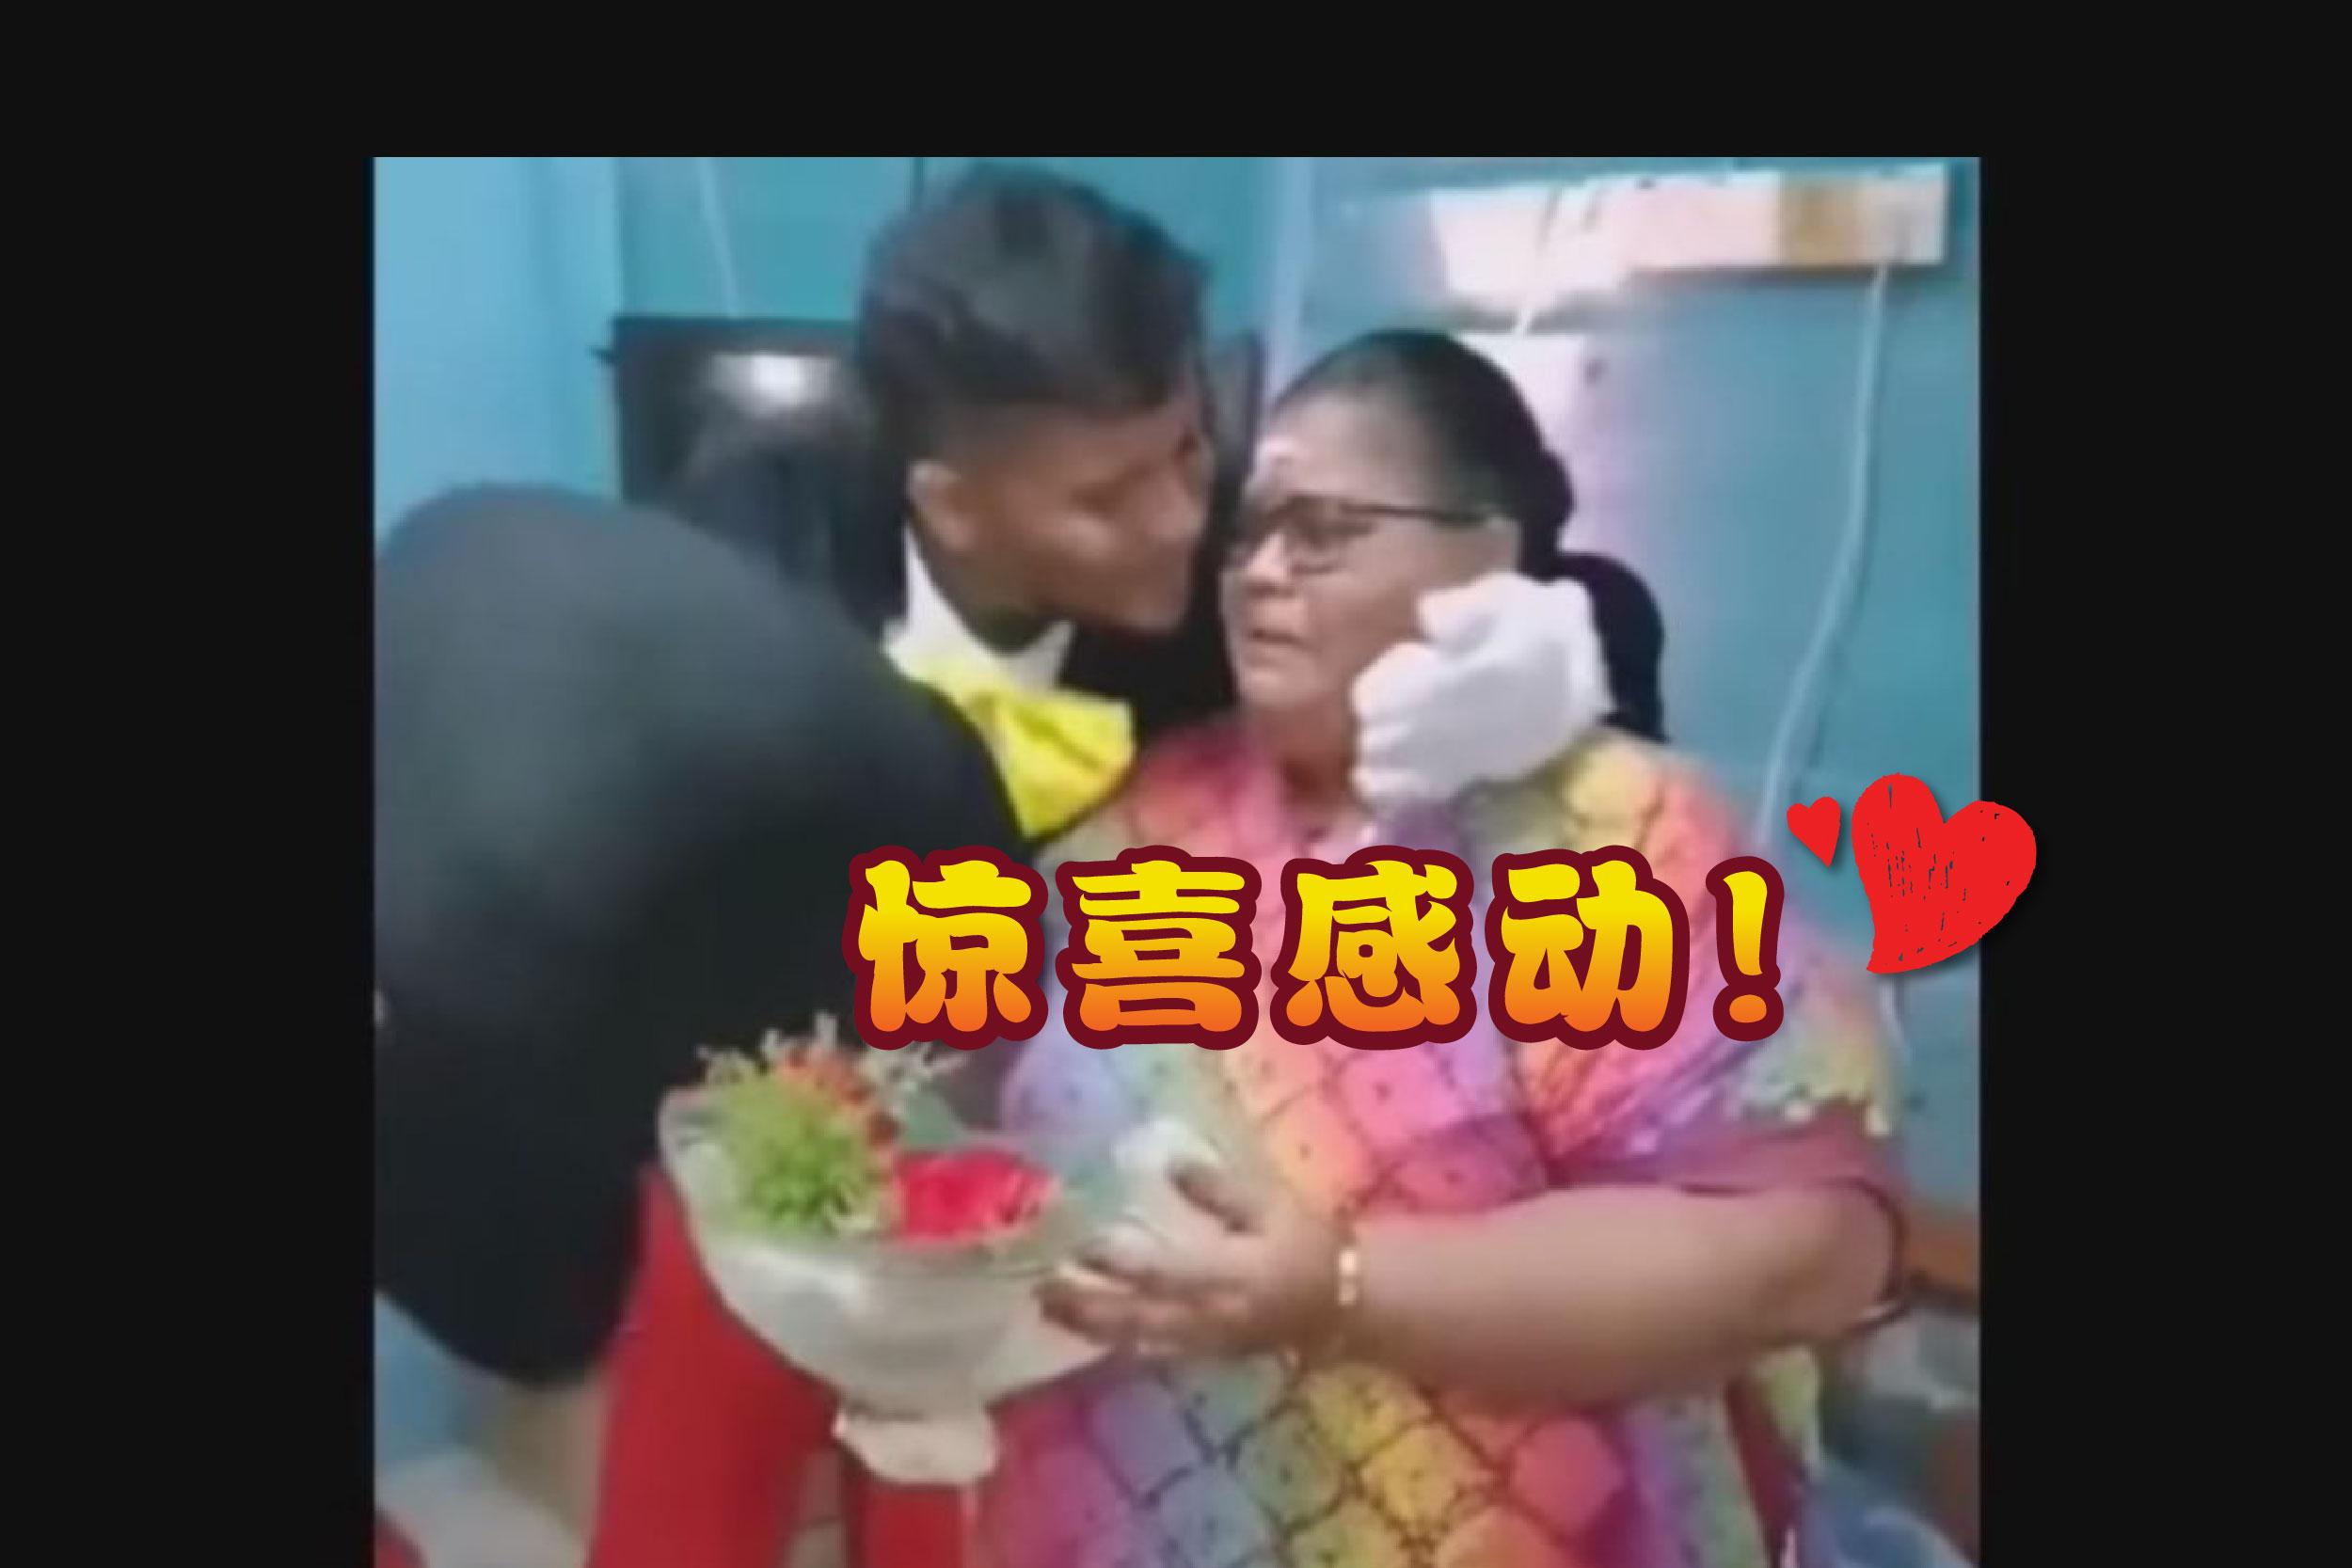 当穿着米奇装的塔纳巴兰看到母亲落泪时,忍不住拆下头套拥抱母亲并献吻。-视频截屏/j精彩大马制图-